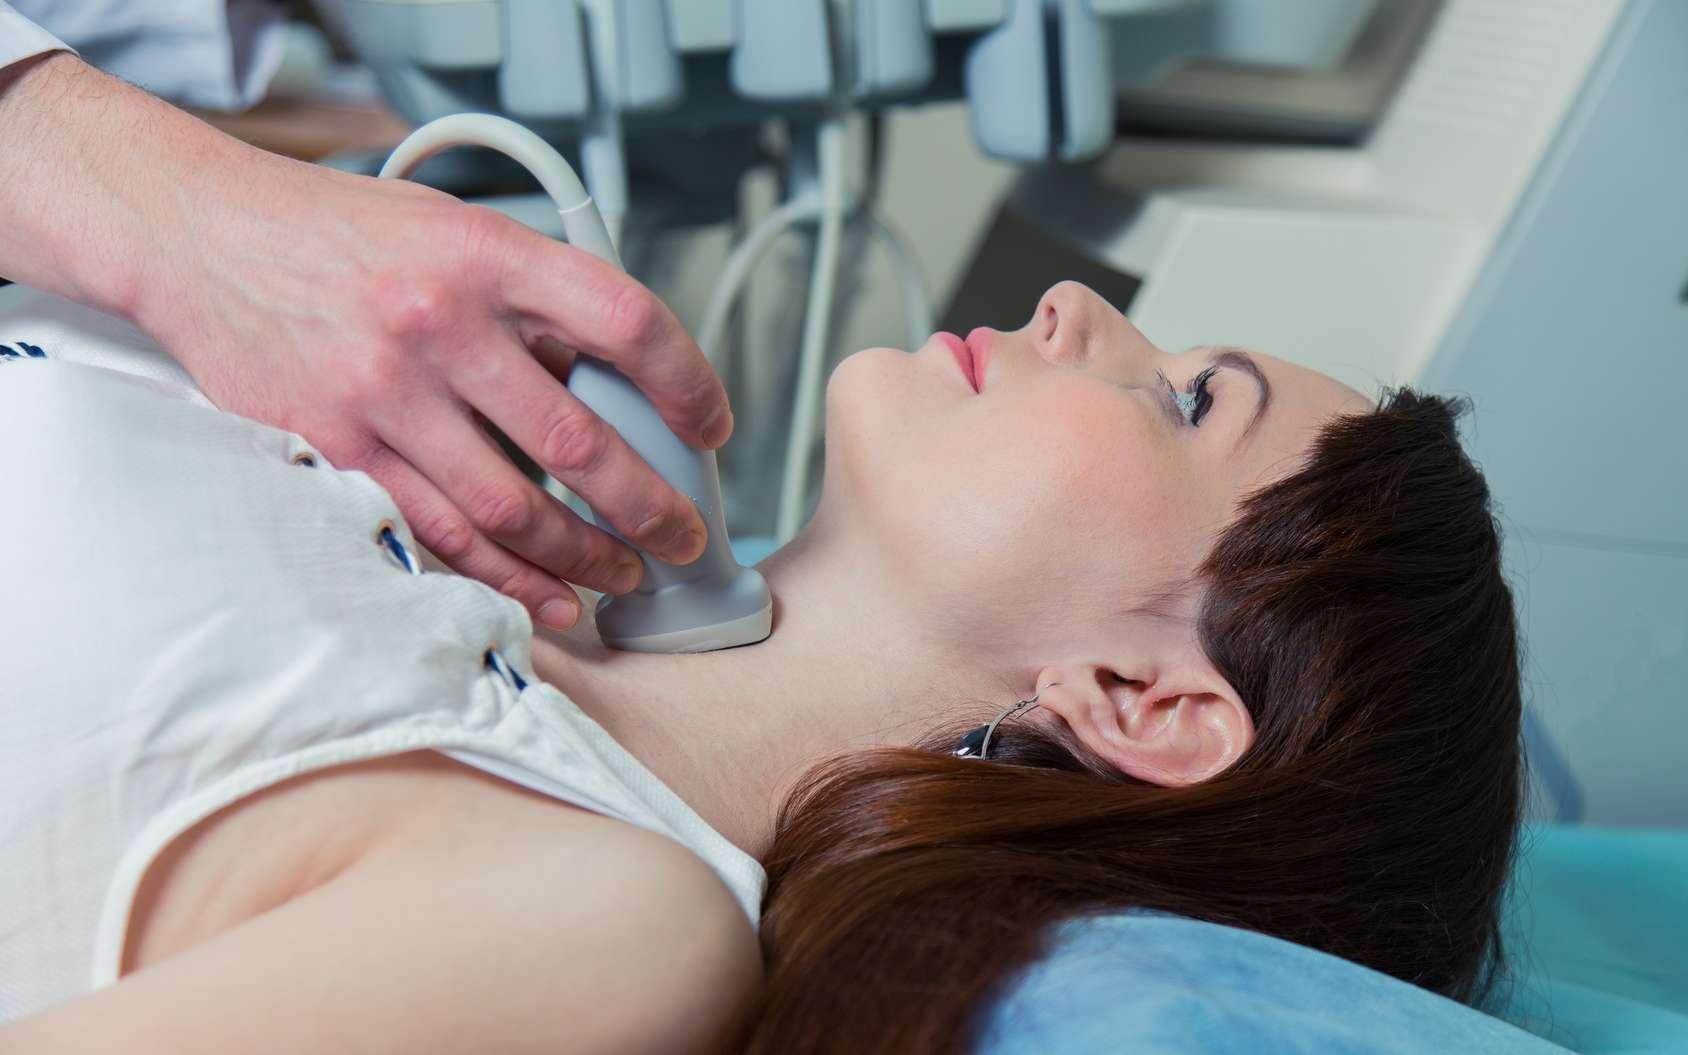 La thyroïde est une glande située à la base du cou. Pour traiter l'hypothyroïdie, il faut compenser le déficit d'hormones thyroïdiennes, ce que fait le Levothyrox en apportant un substitut de la thyroxine naturelle. © Satyrenko, Fotolia